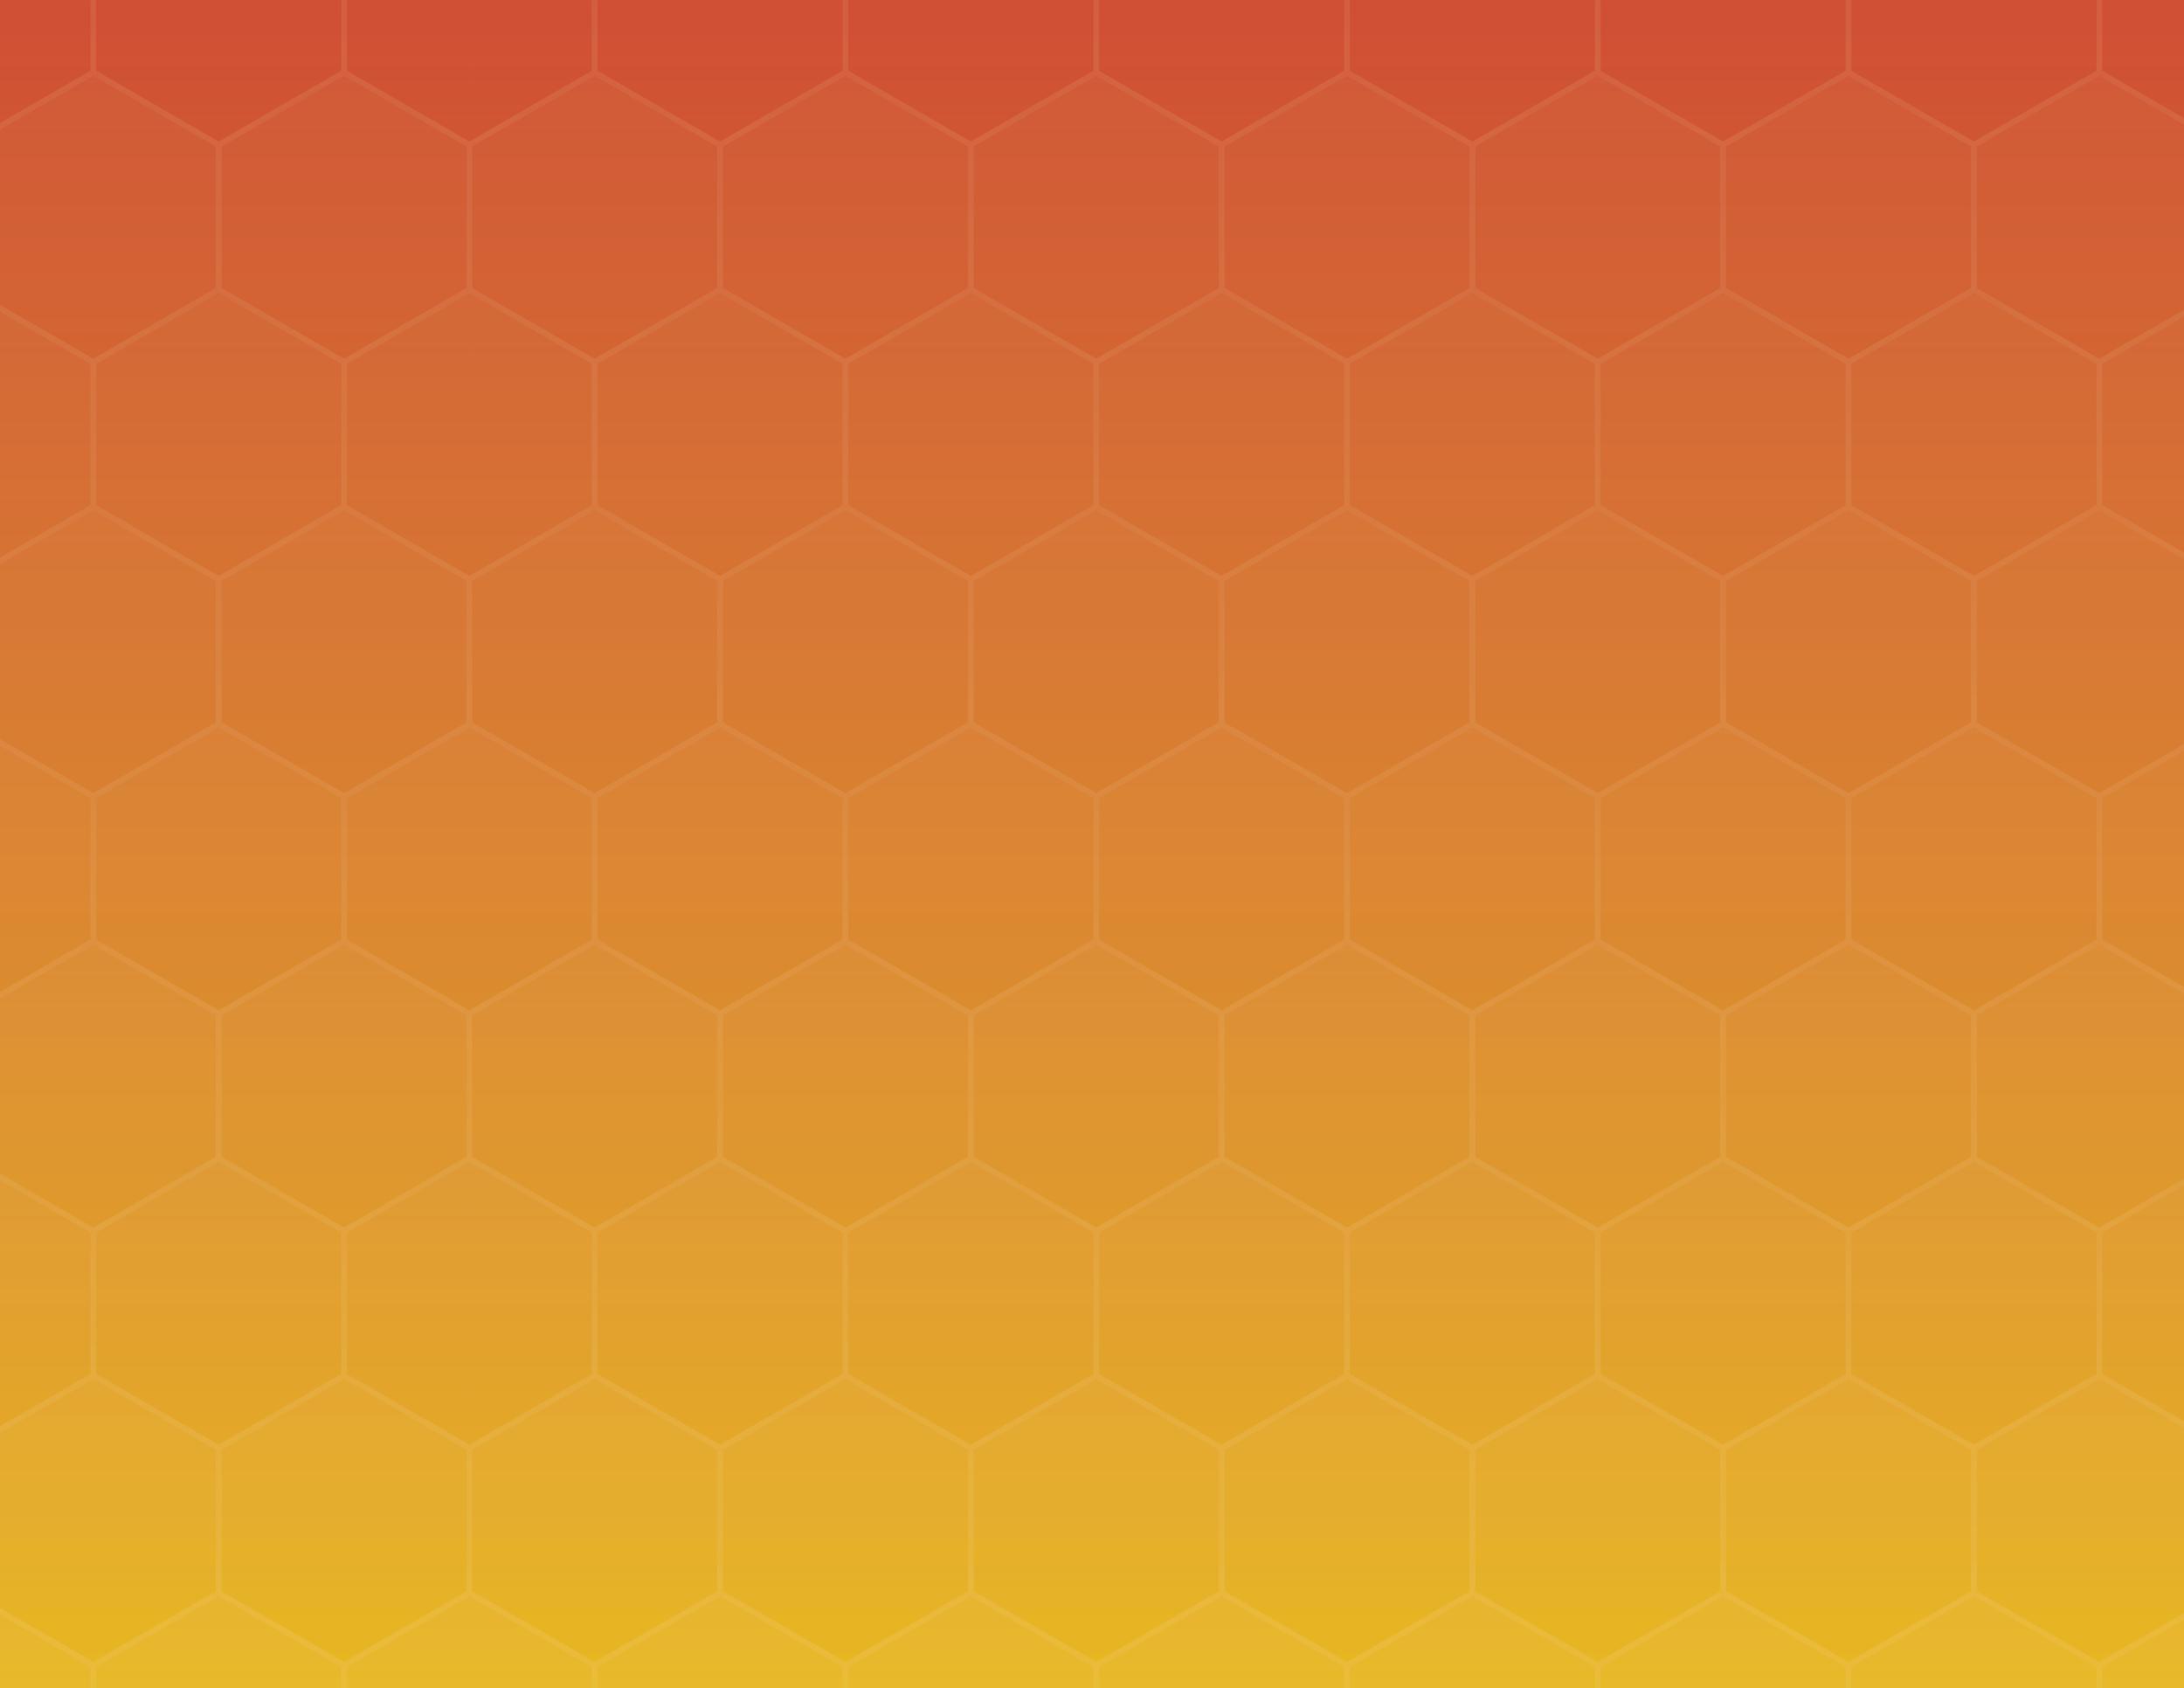 8.5x11-Red-Orange-Pattern.png